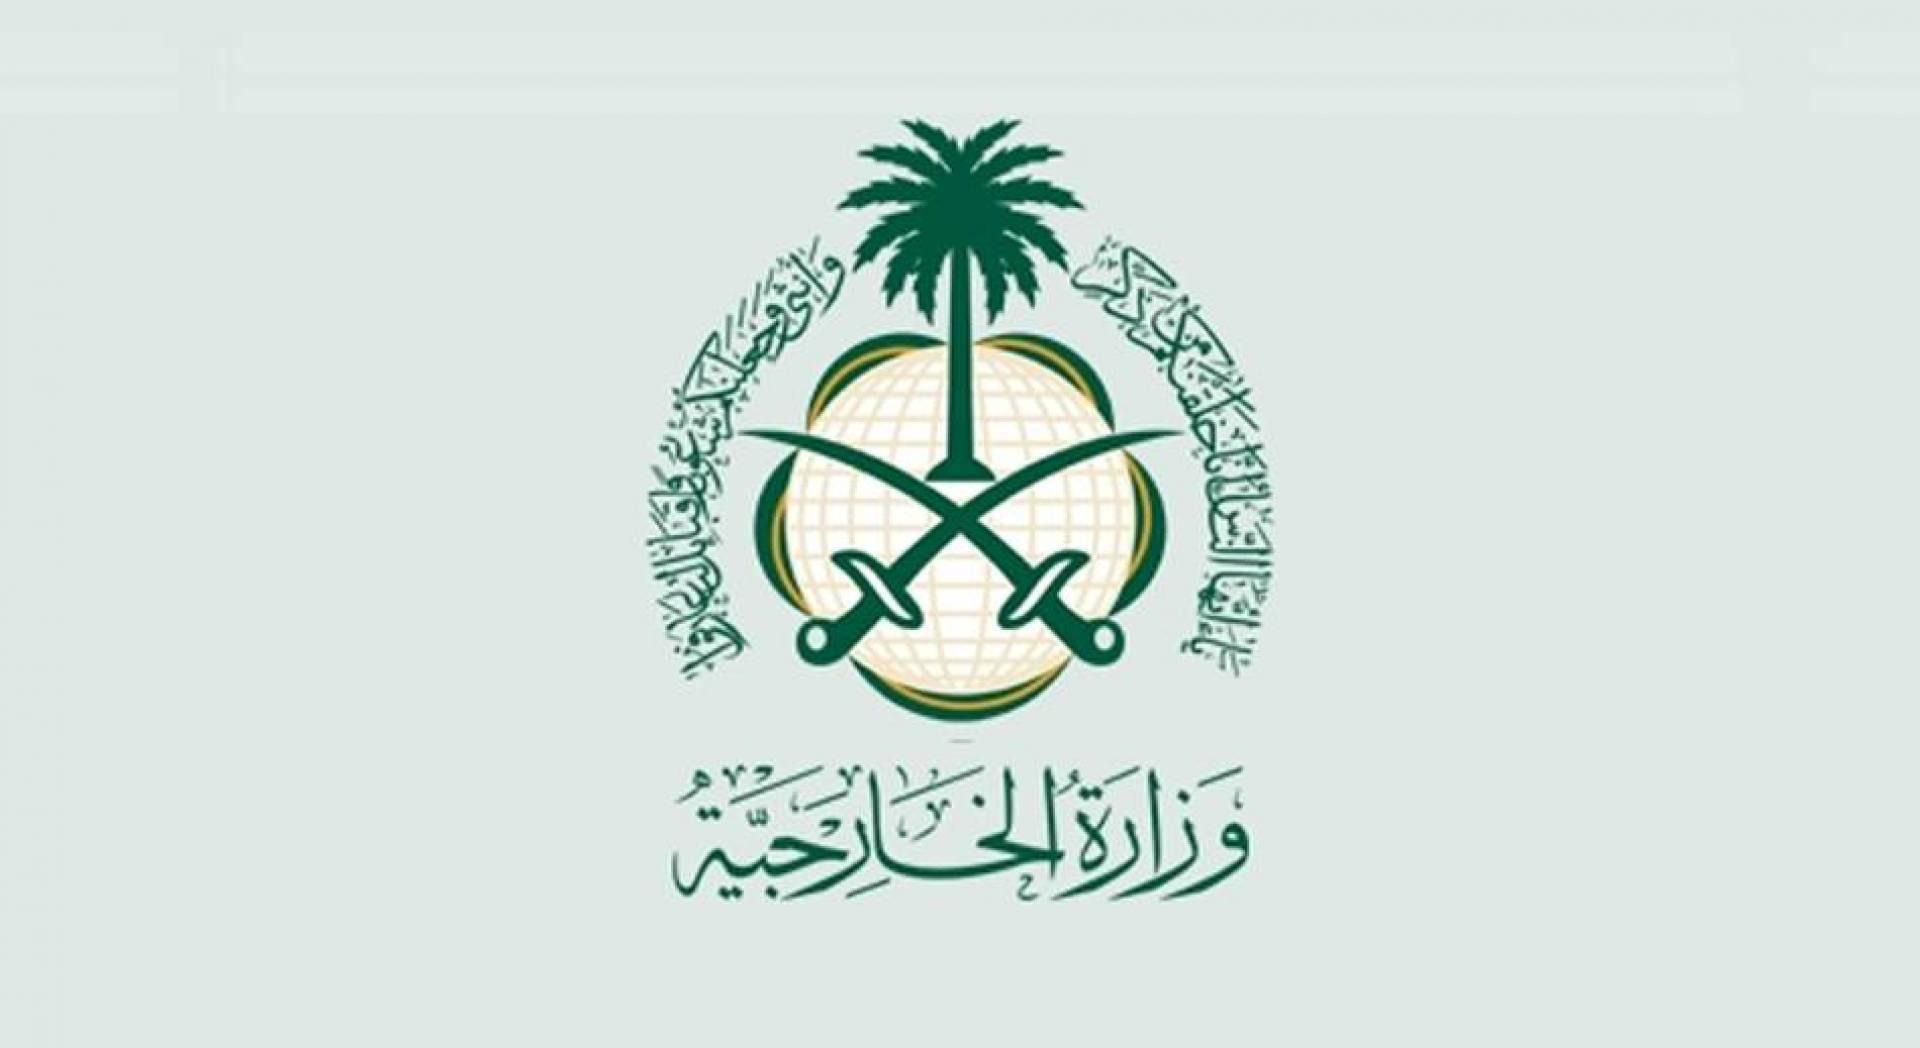 السعودية تشجع البدء بمفاوضات مباشرة للسلام برعاية أميركية